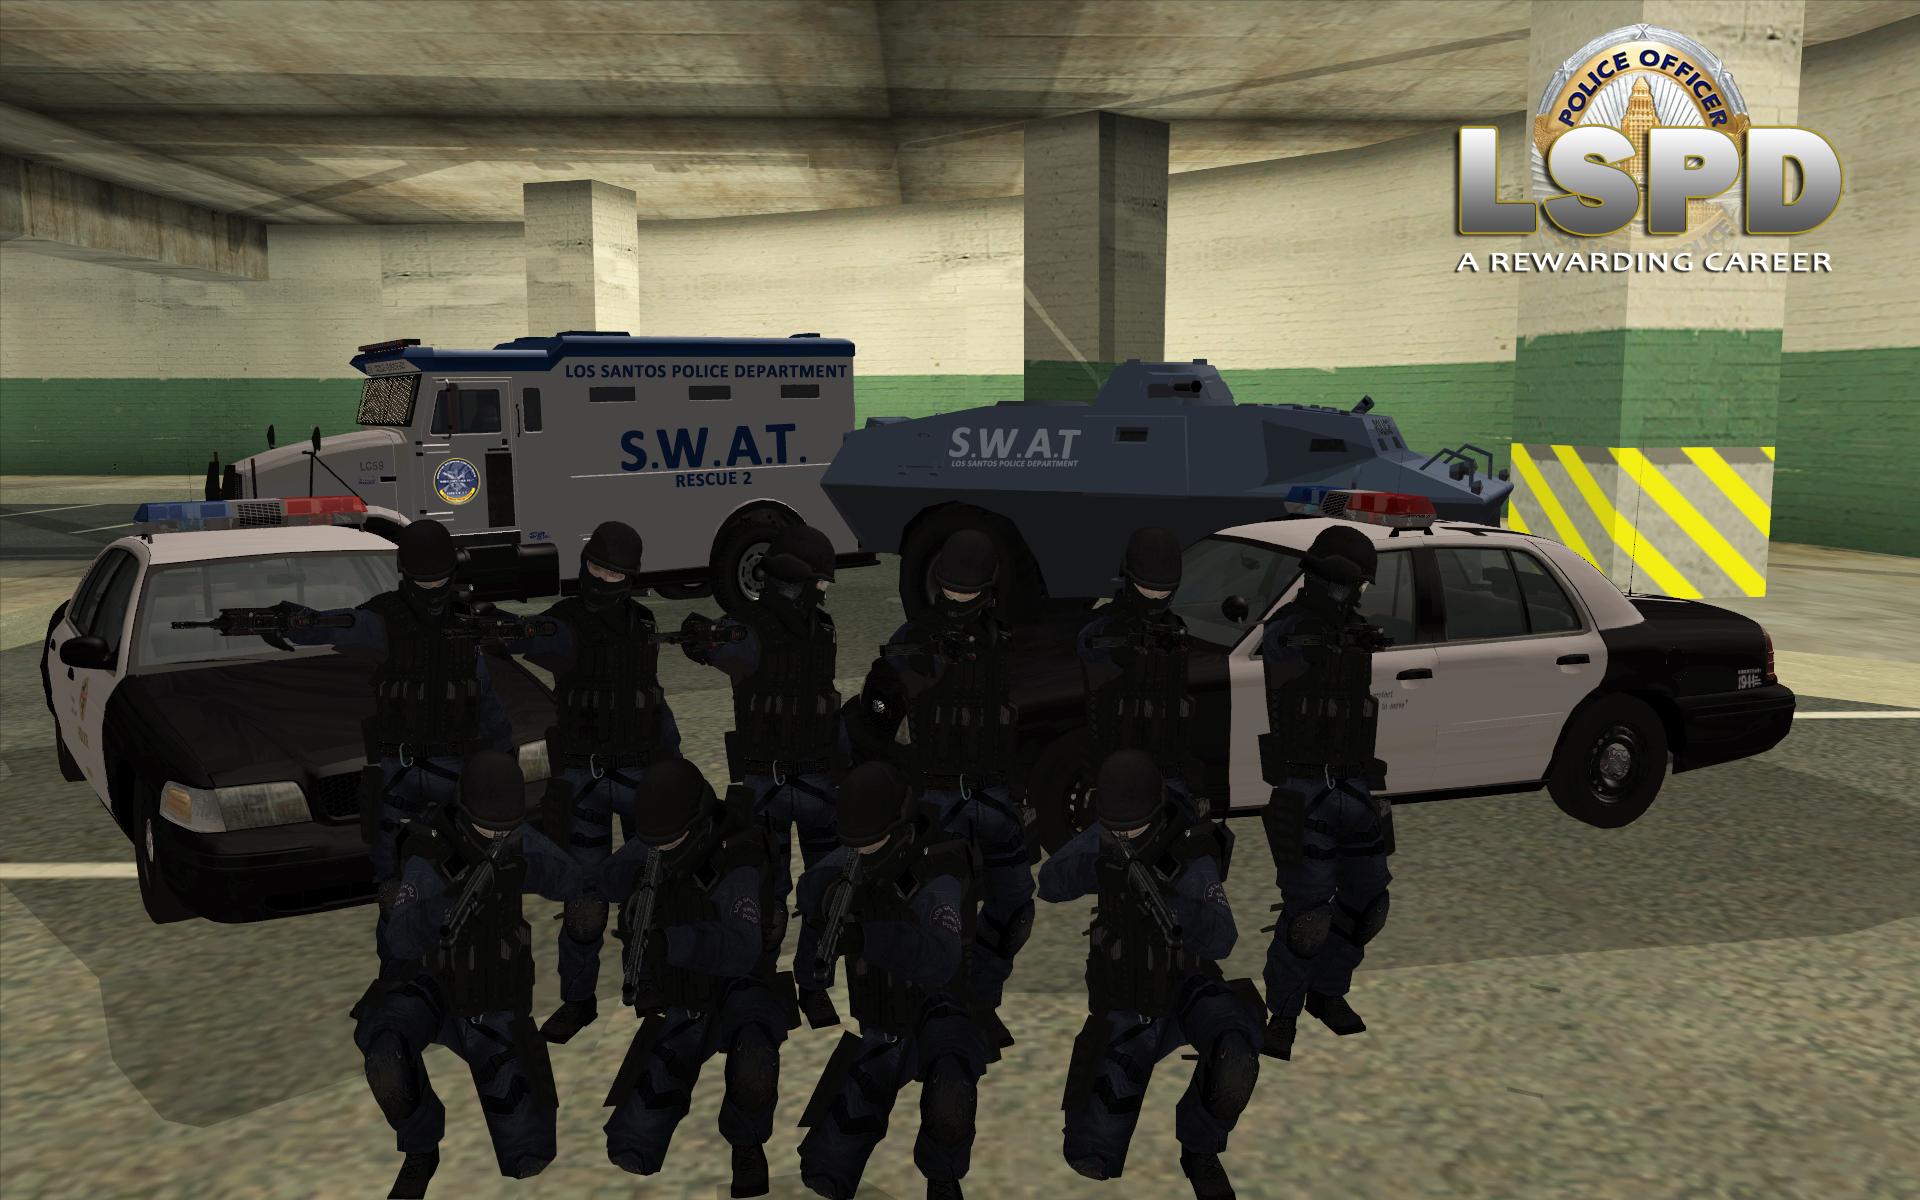 swat team photo by mgreenie on deviantart